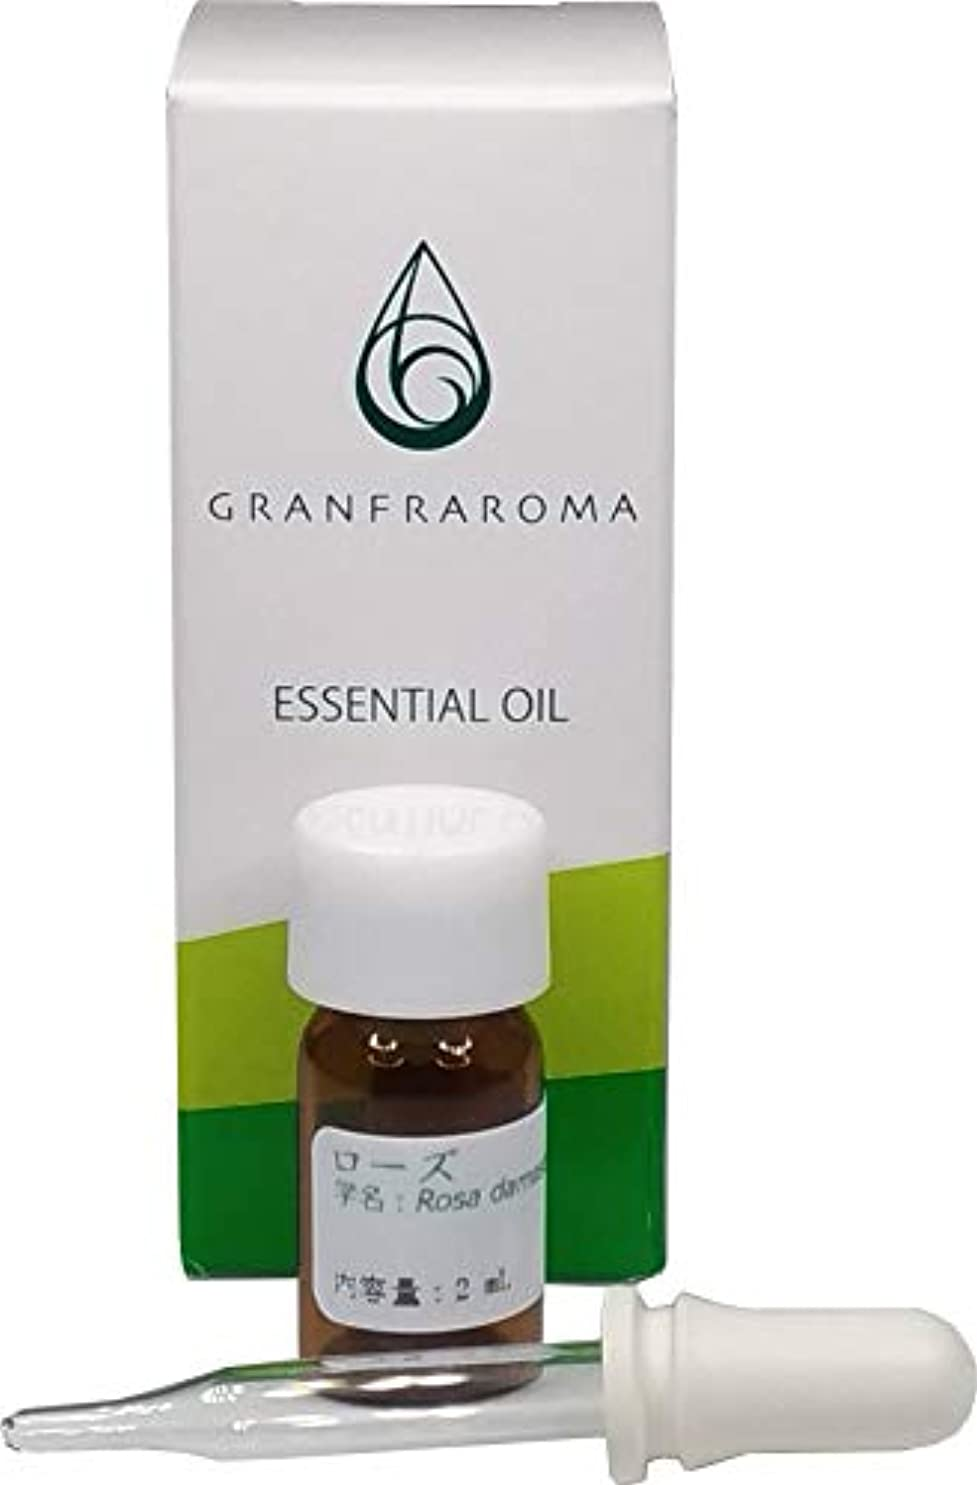 申込み育成高度(グランフラローマ)GRANFRAROMA 精油 ローズ 溶剤抽出法 エッセンシャルオイル 2ml